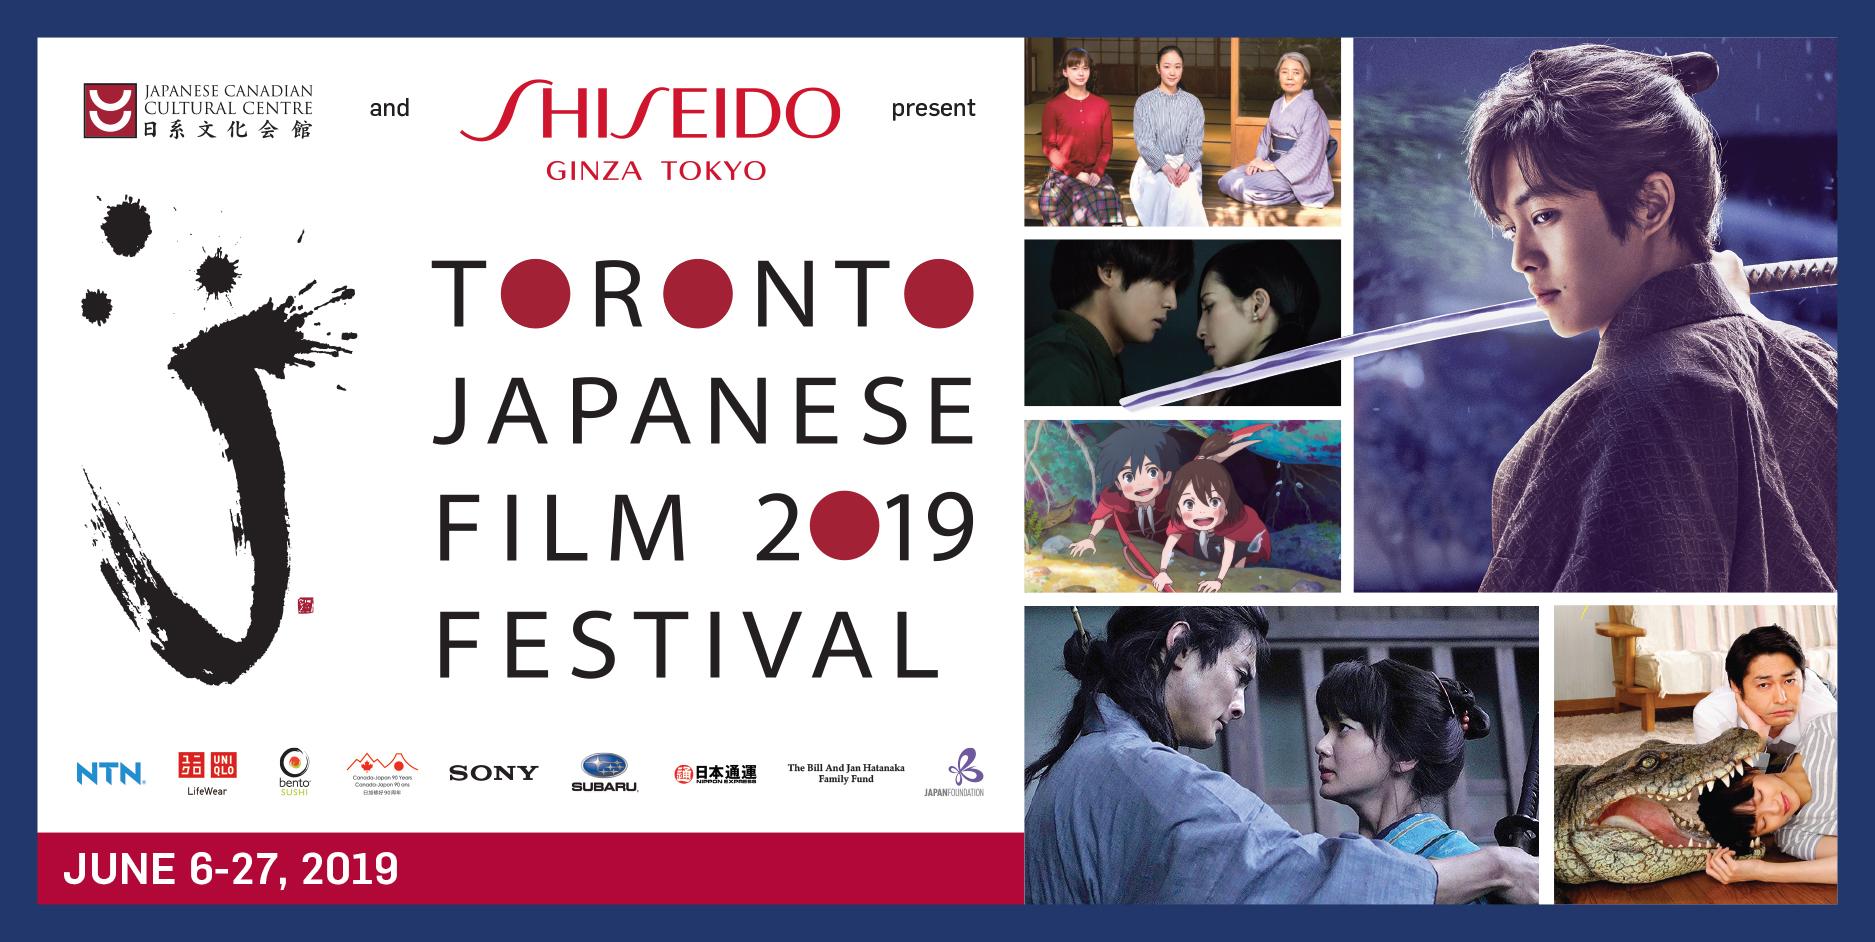 トロント日本映画祭